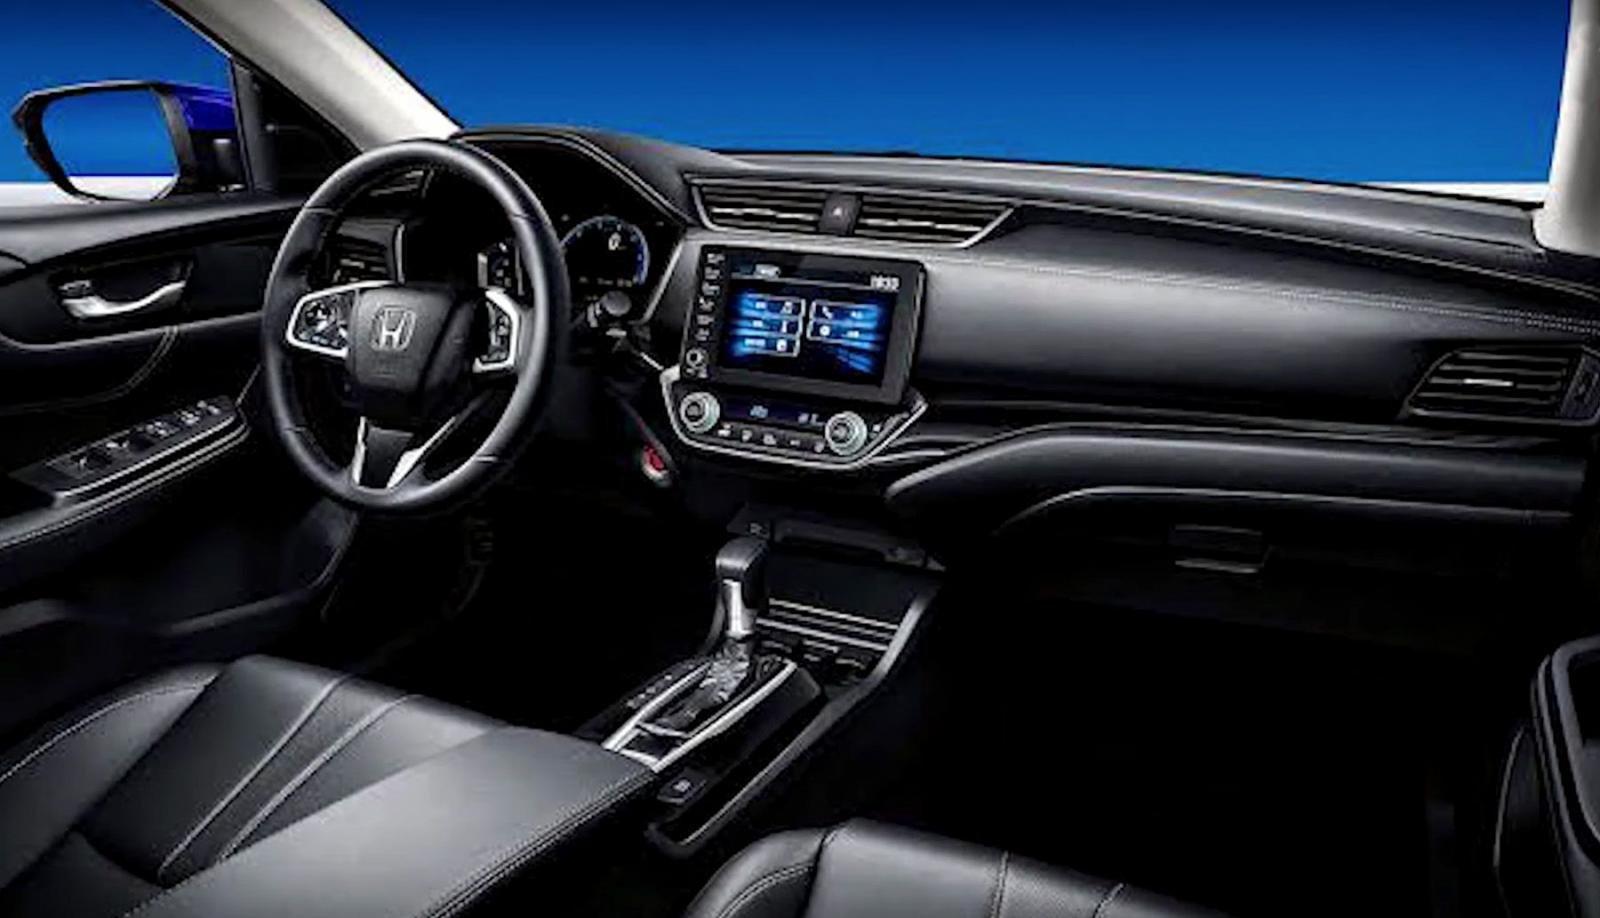 Nội thất Honda City 2020 sẽ được nâng cấp hiện tại hơn a1